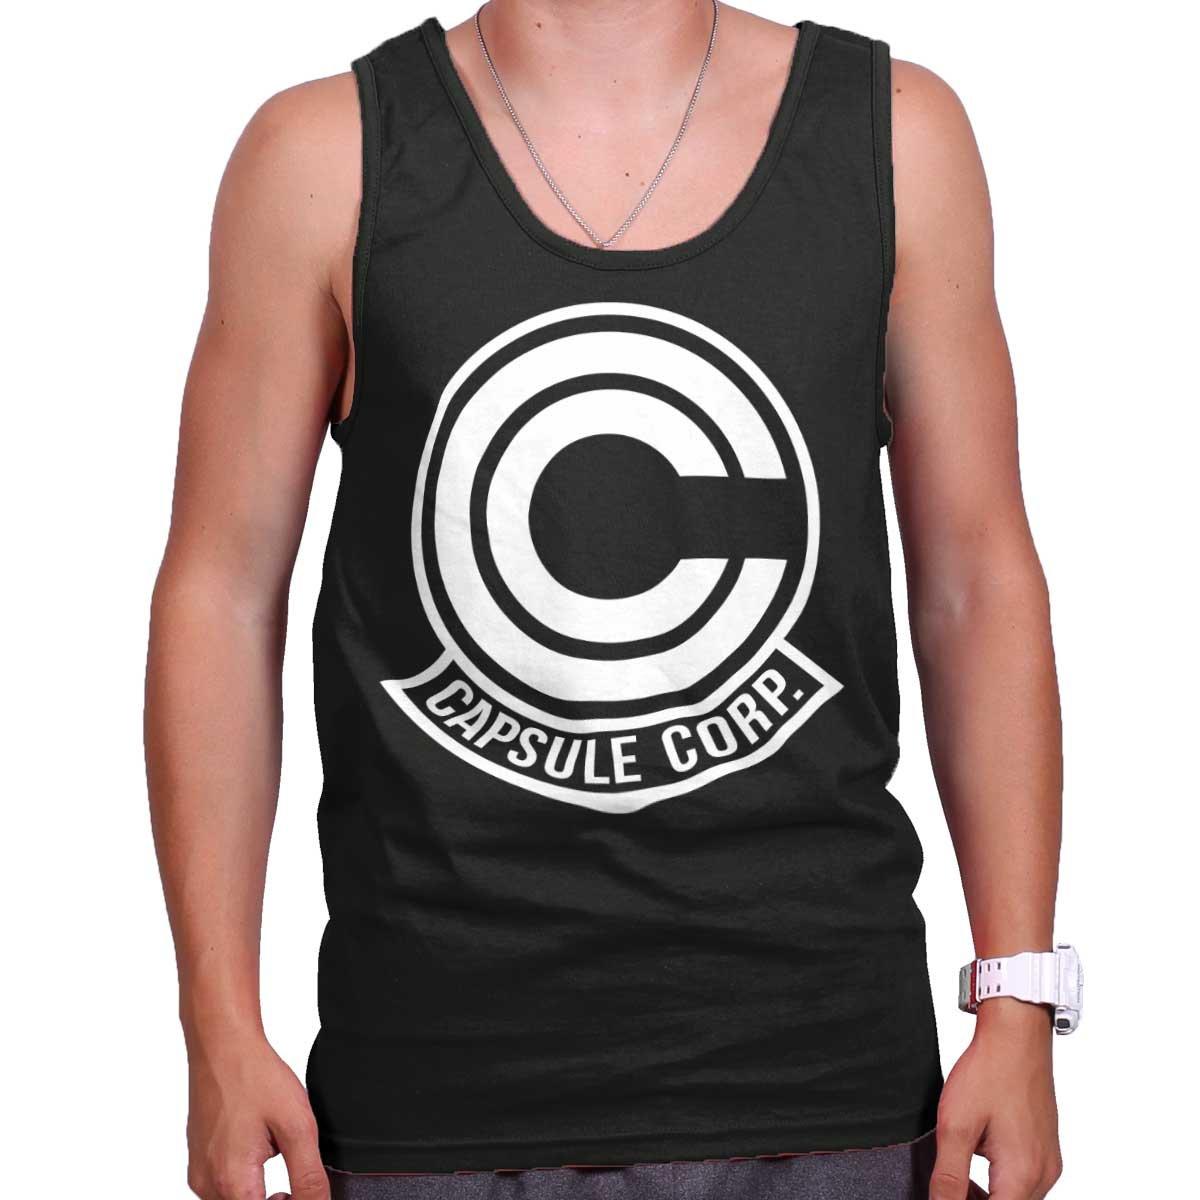 Capsule Corp Dragon Shirt | Ball Goku Z Bulma Anime Gift Idea Tank Top Shirt